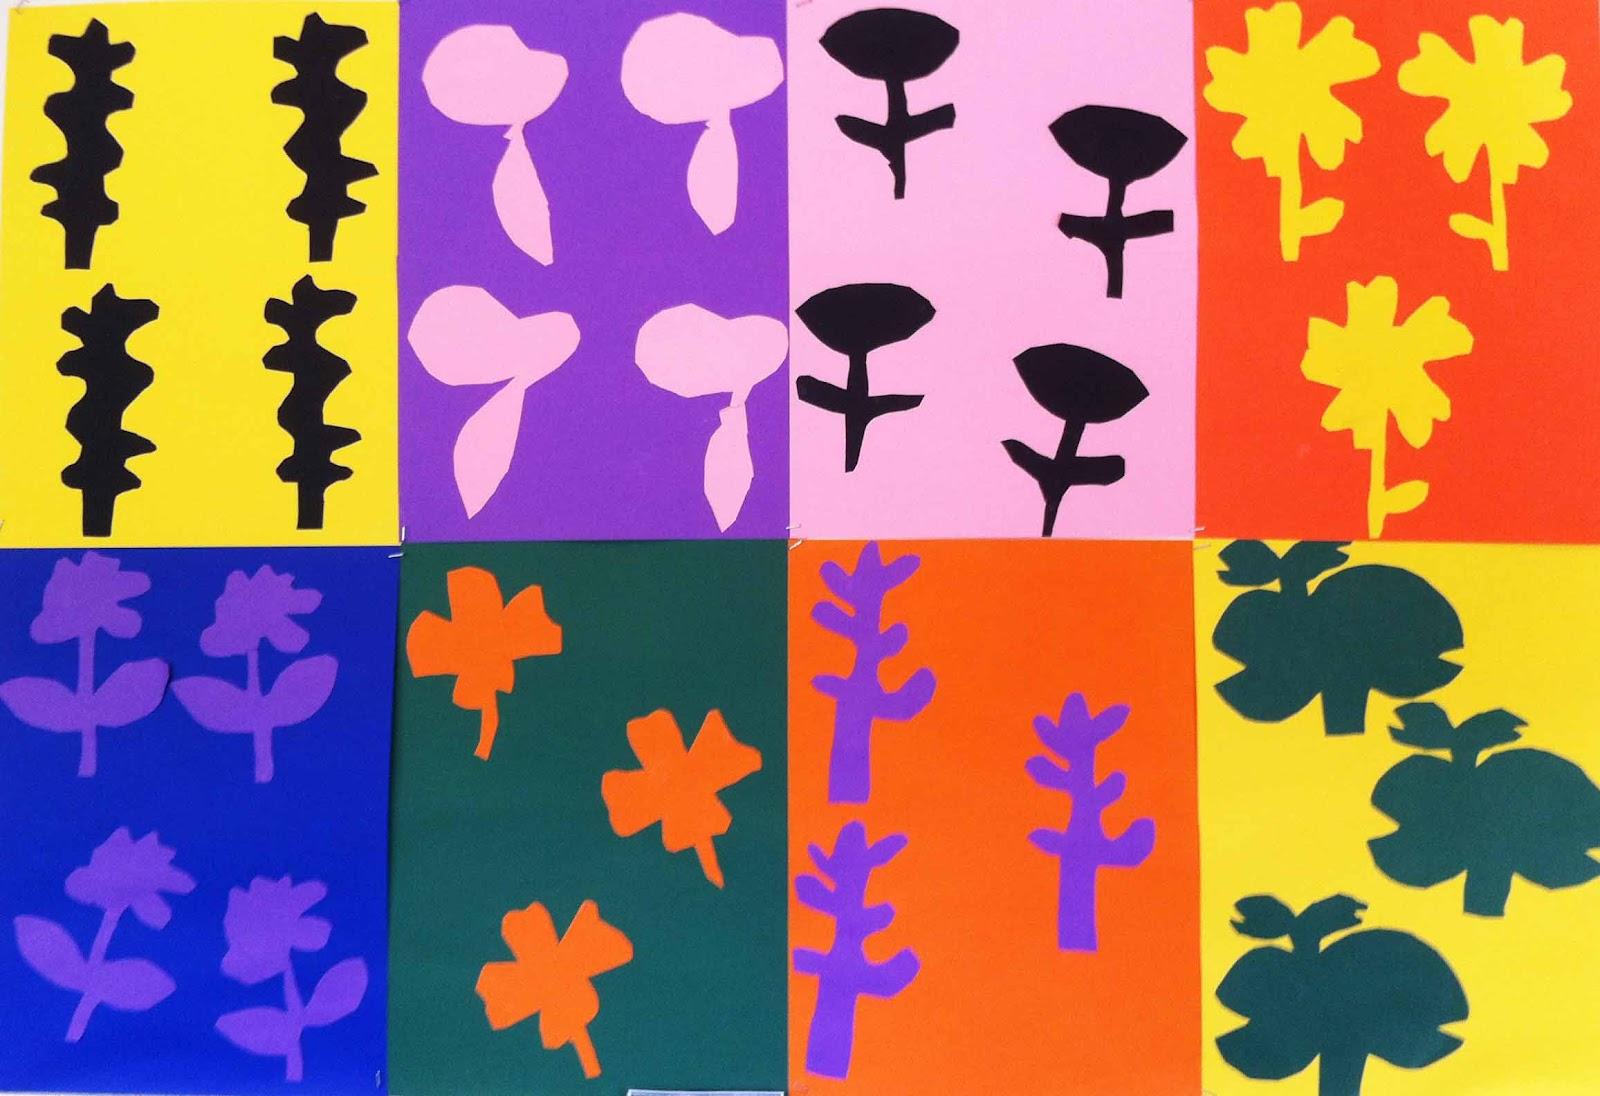 Fabuleux Le papier découpé selon Matisse | Artsper DQ51